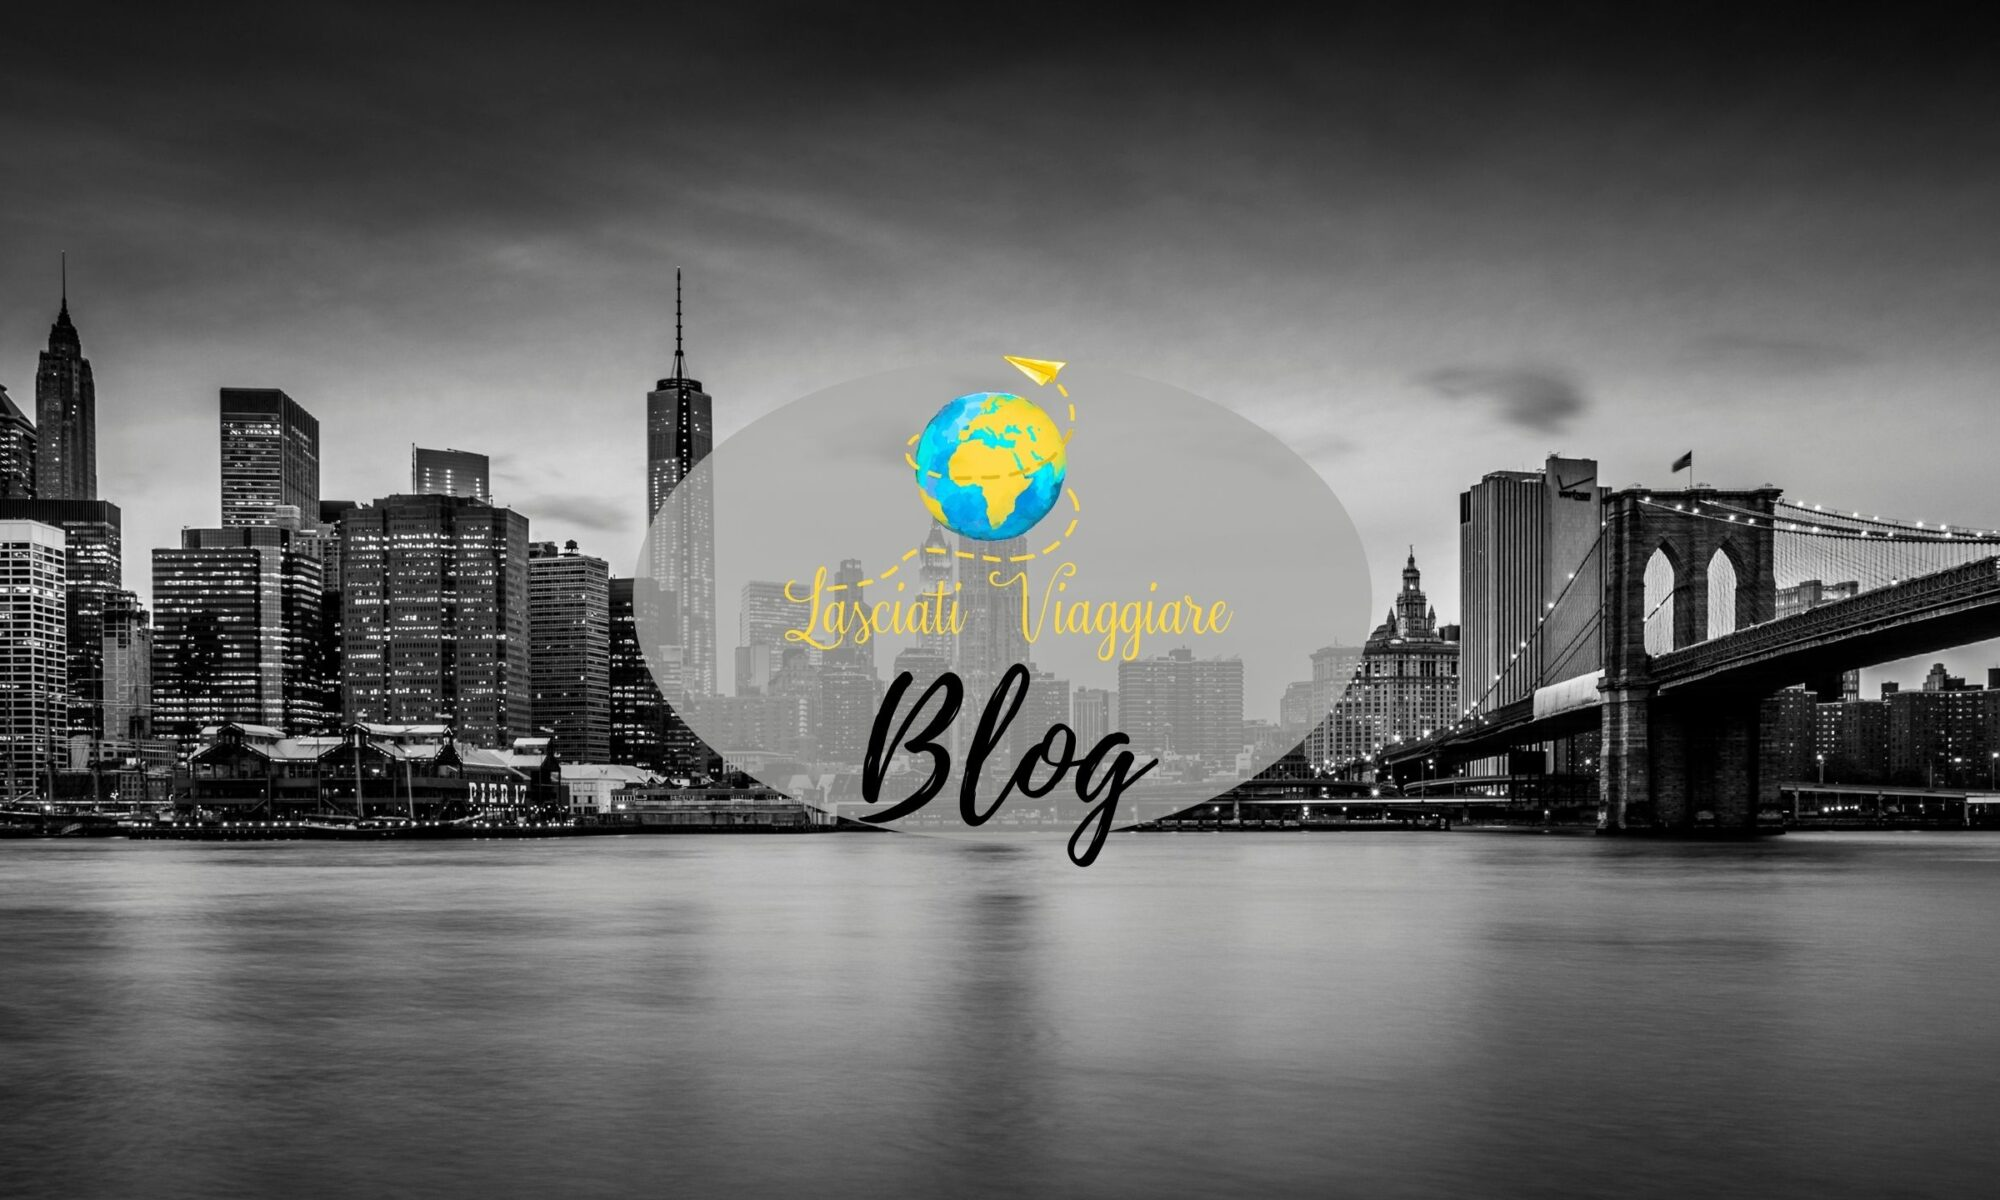 Il blog di lasciativiaggiare.it